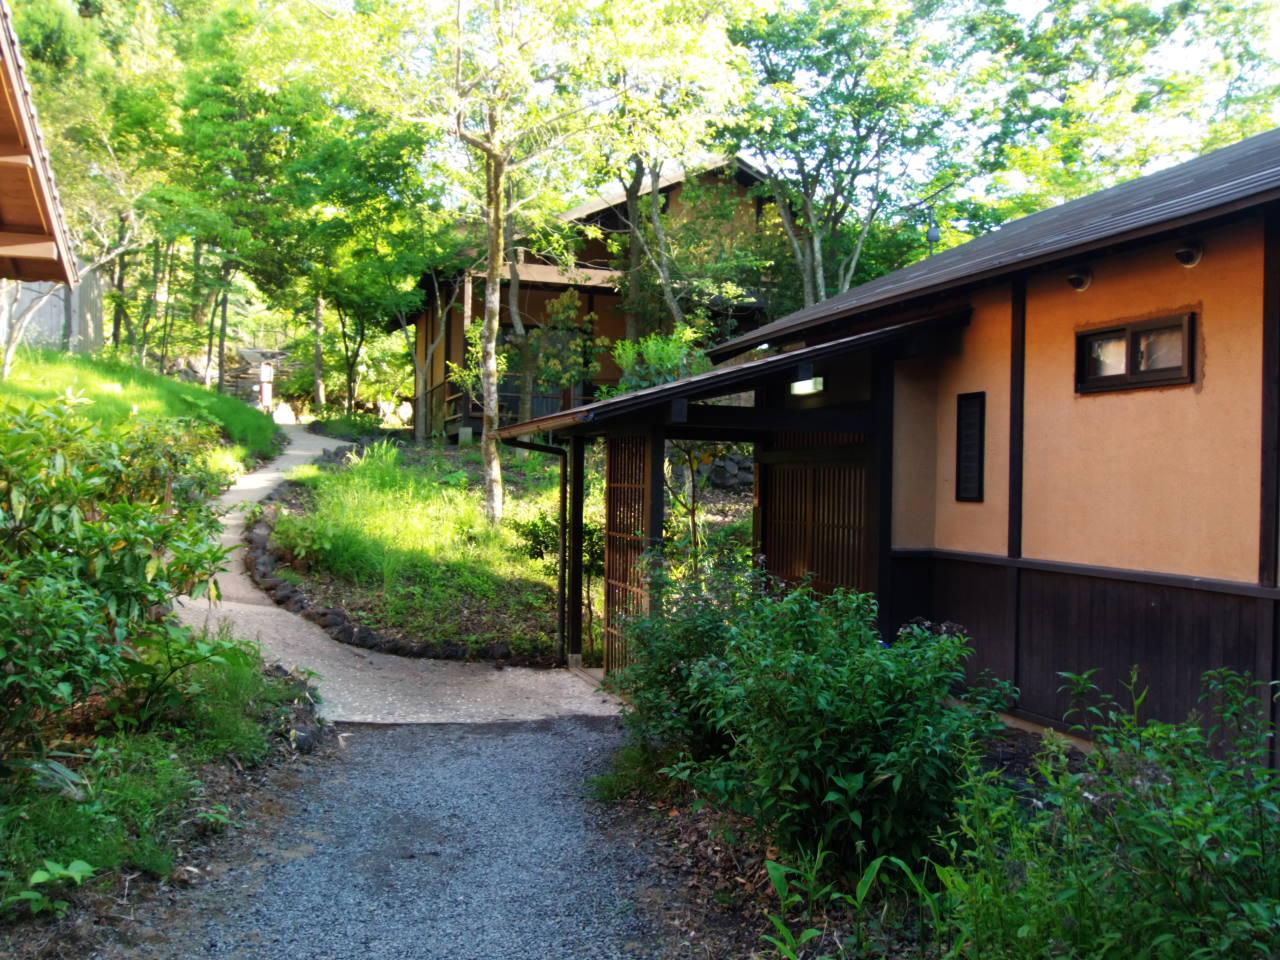 旅行vo.2「うさぎも泊まれる温泉旅館」